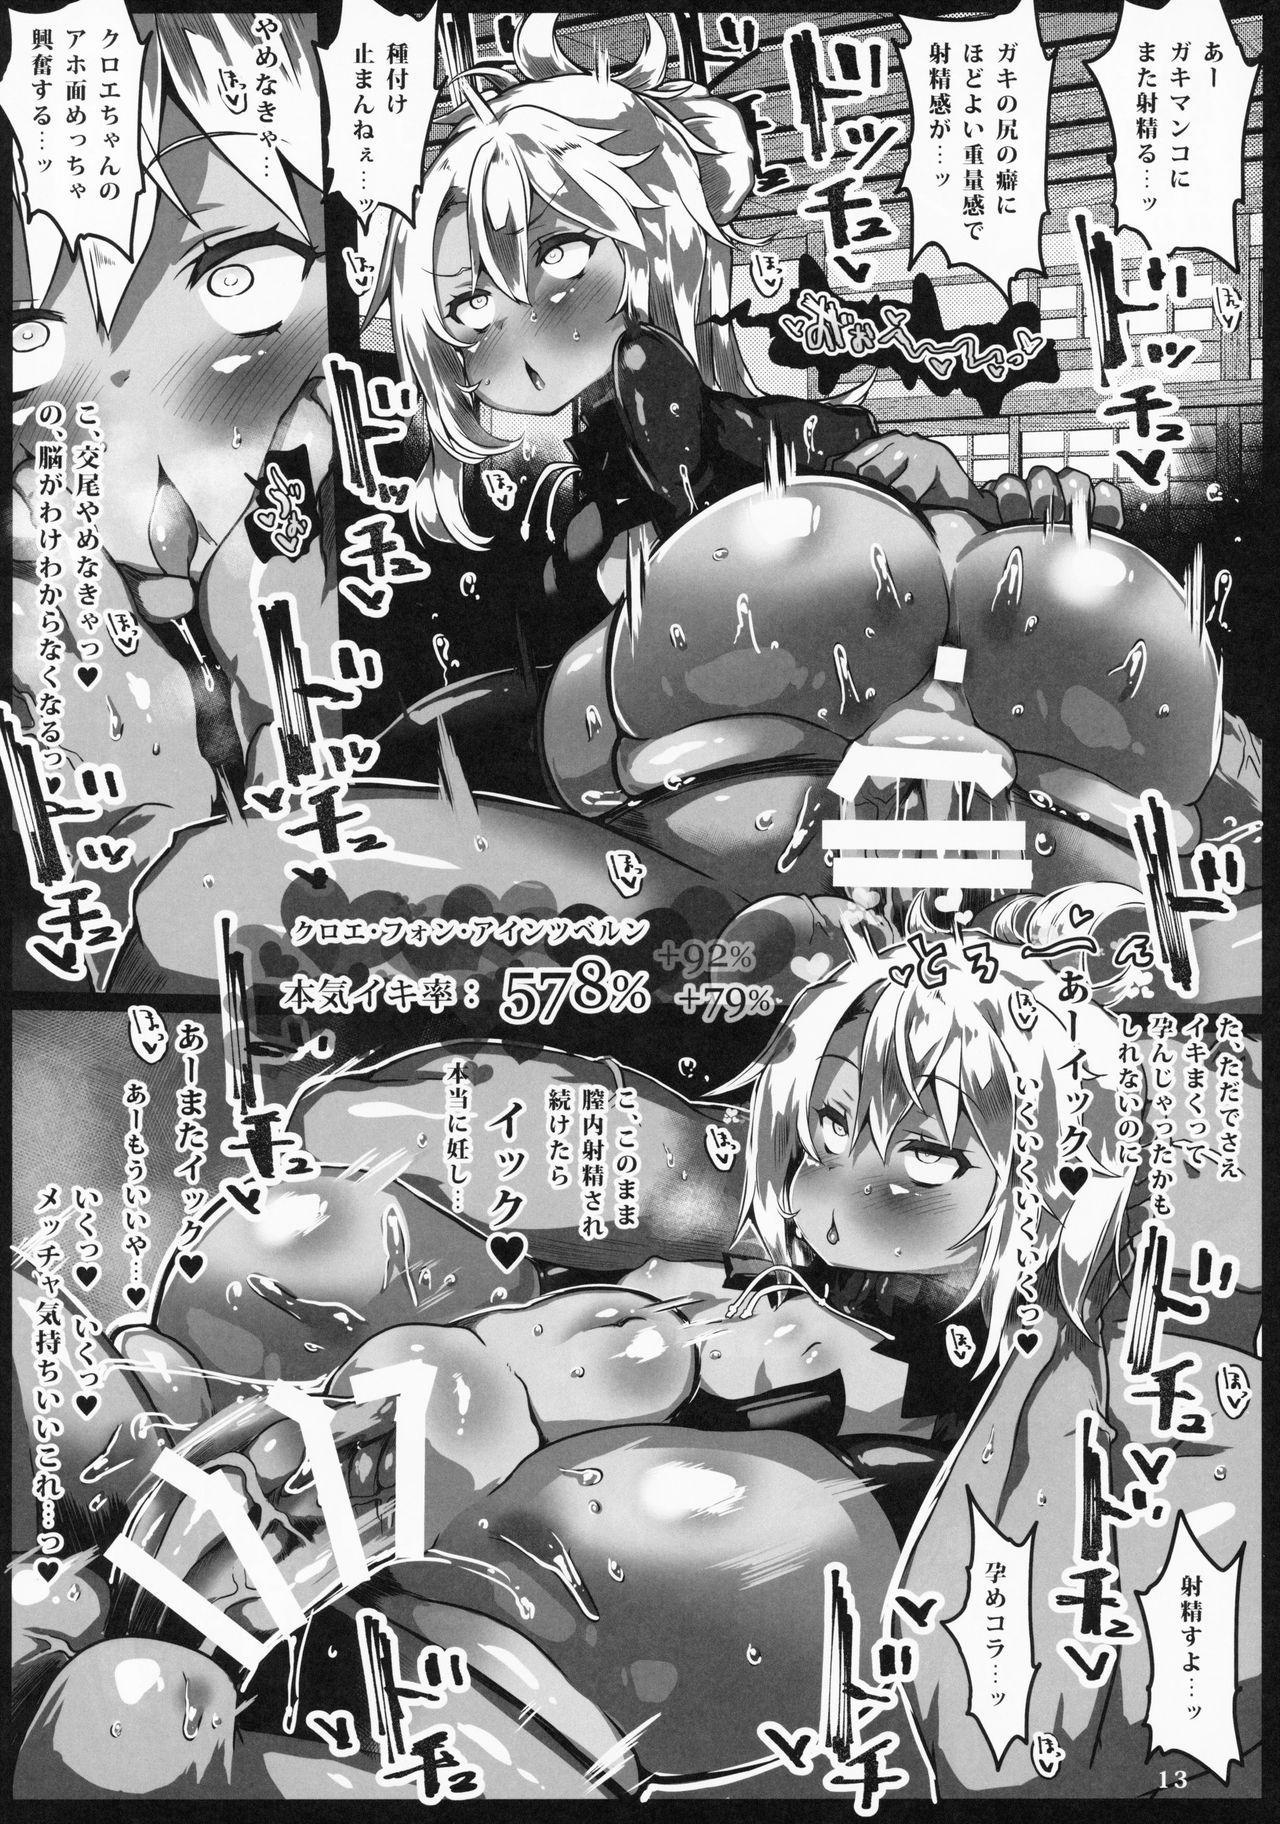 24-jikan Zu~tto Sudden Death de Risei o Girigiri Tamochinagara Otona Kaomake no Egui Sex 13